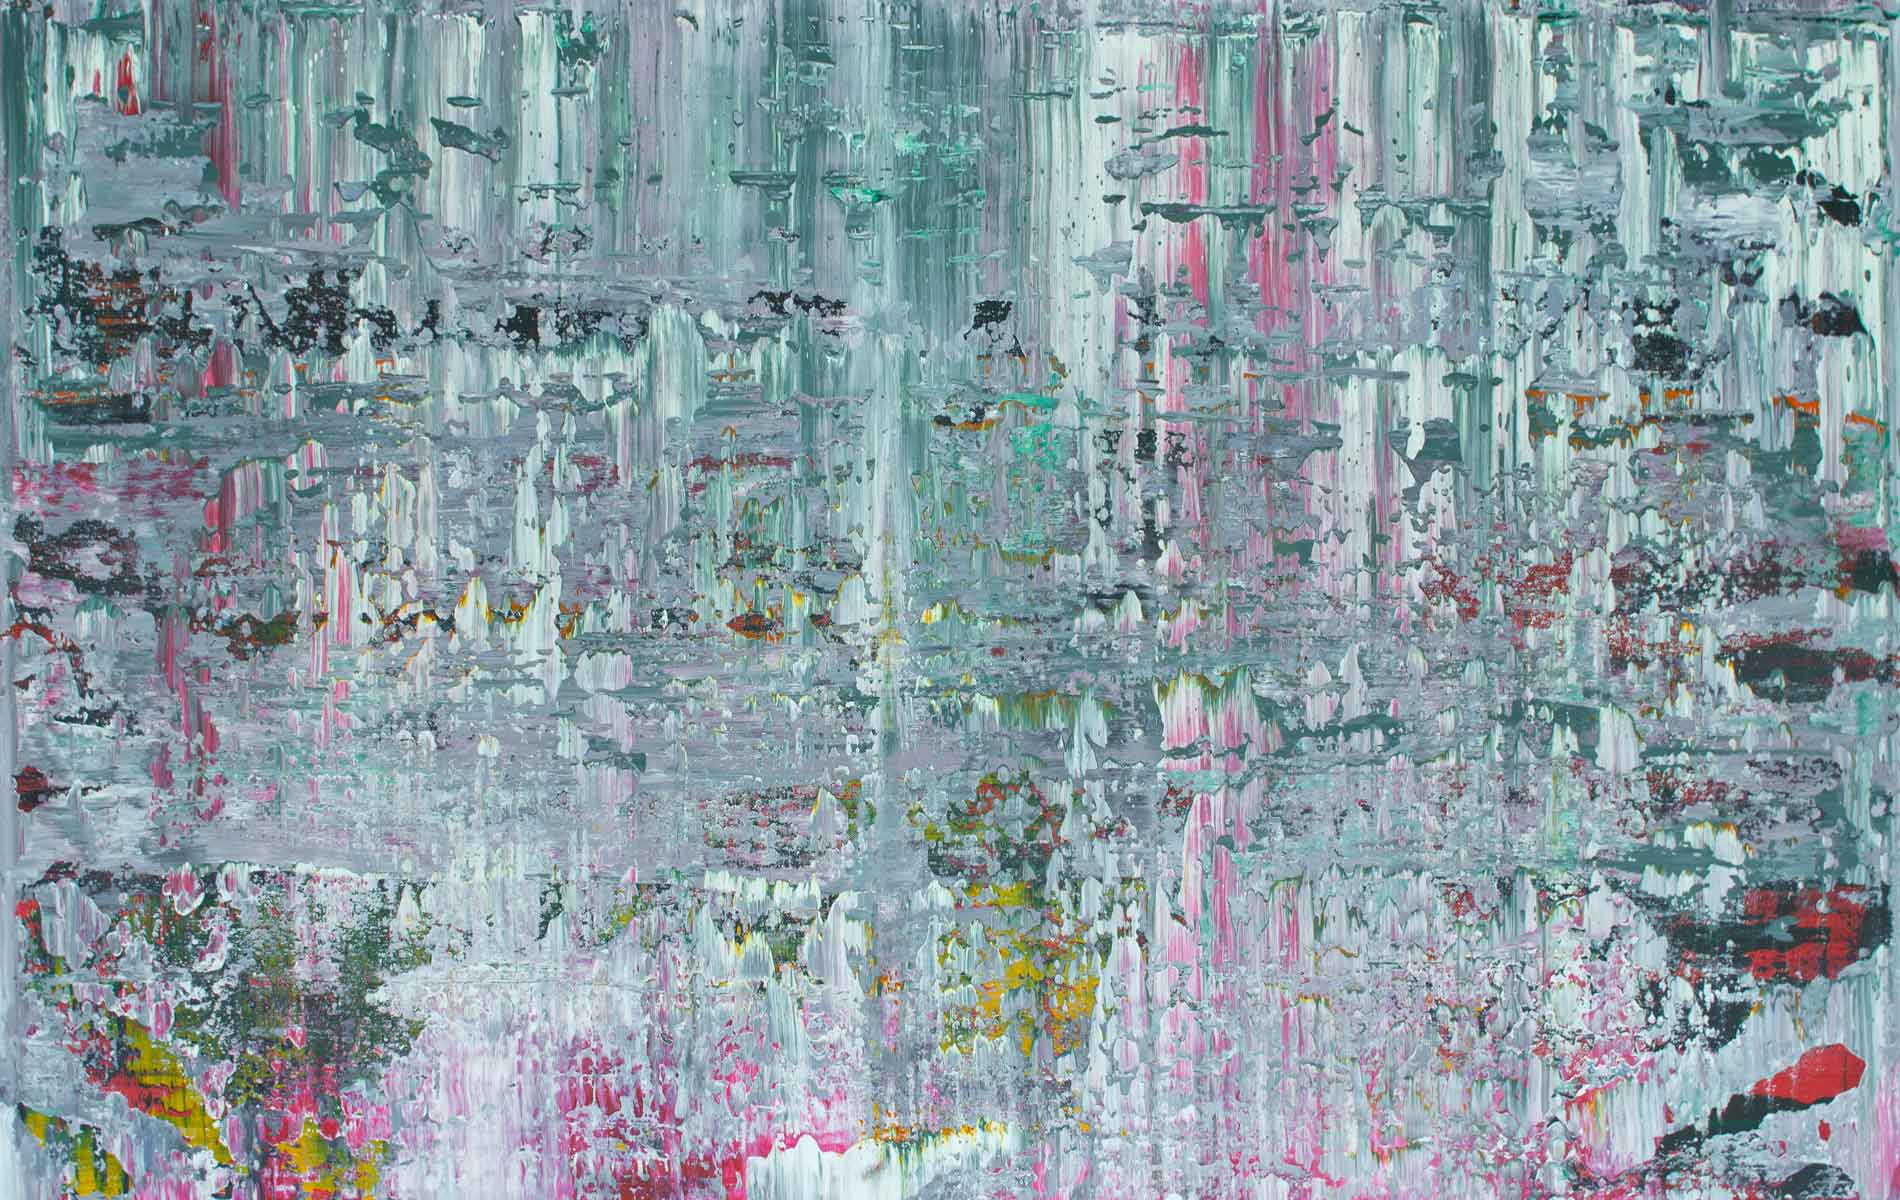 Patio, 2014, Acrylic on Canvas, 38 x 58